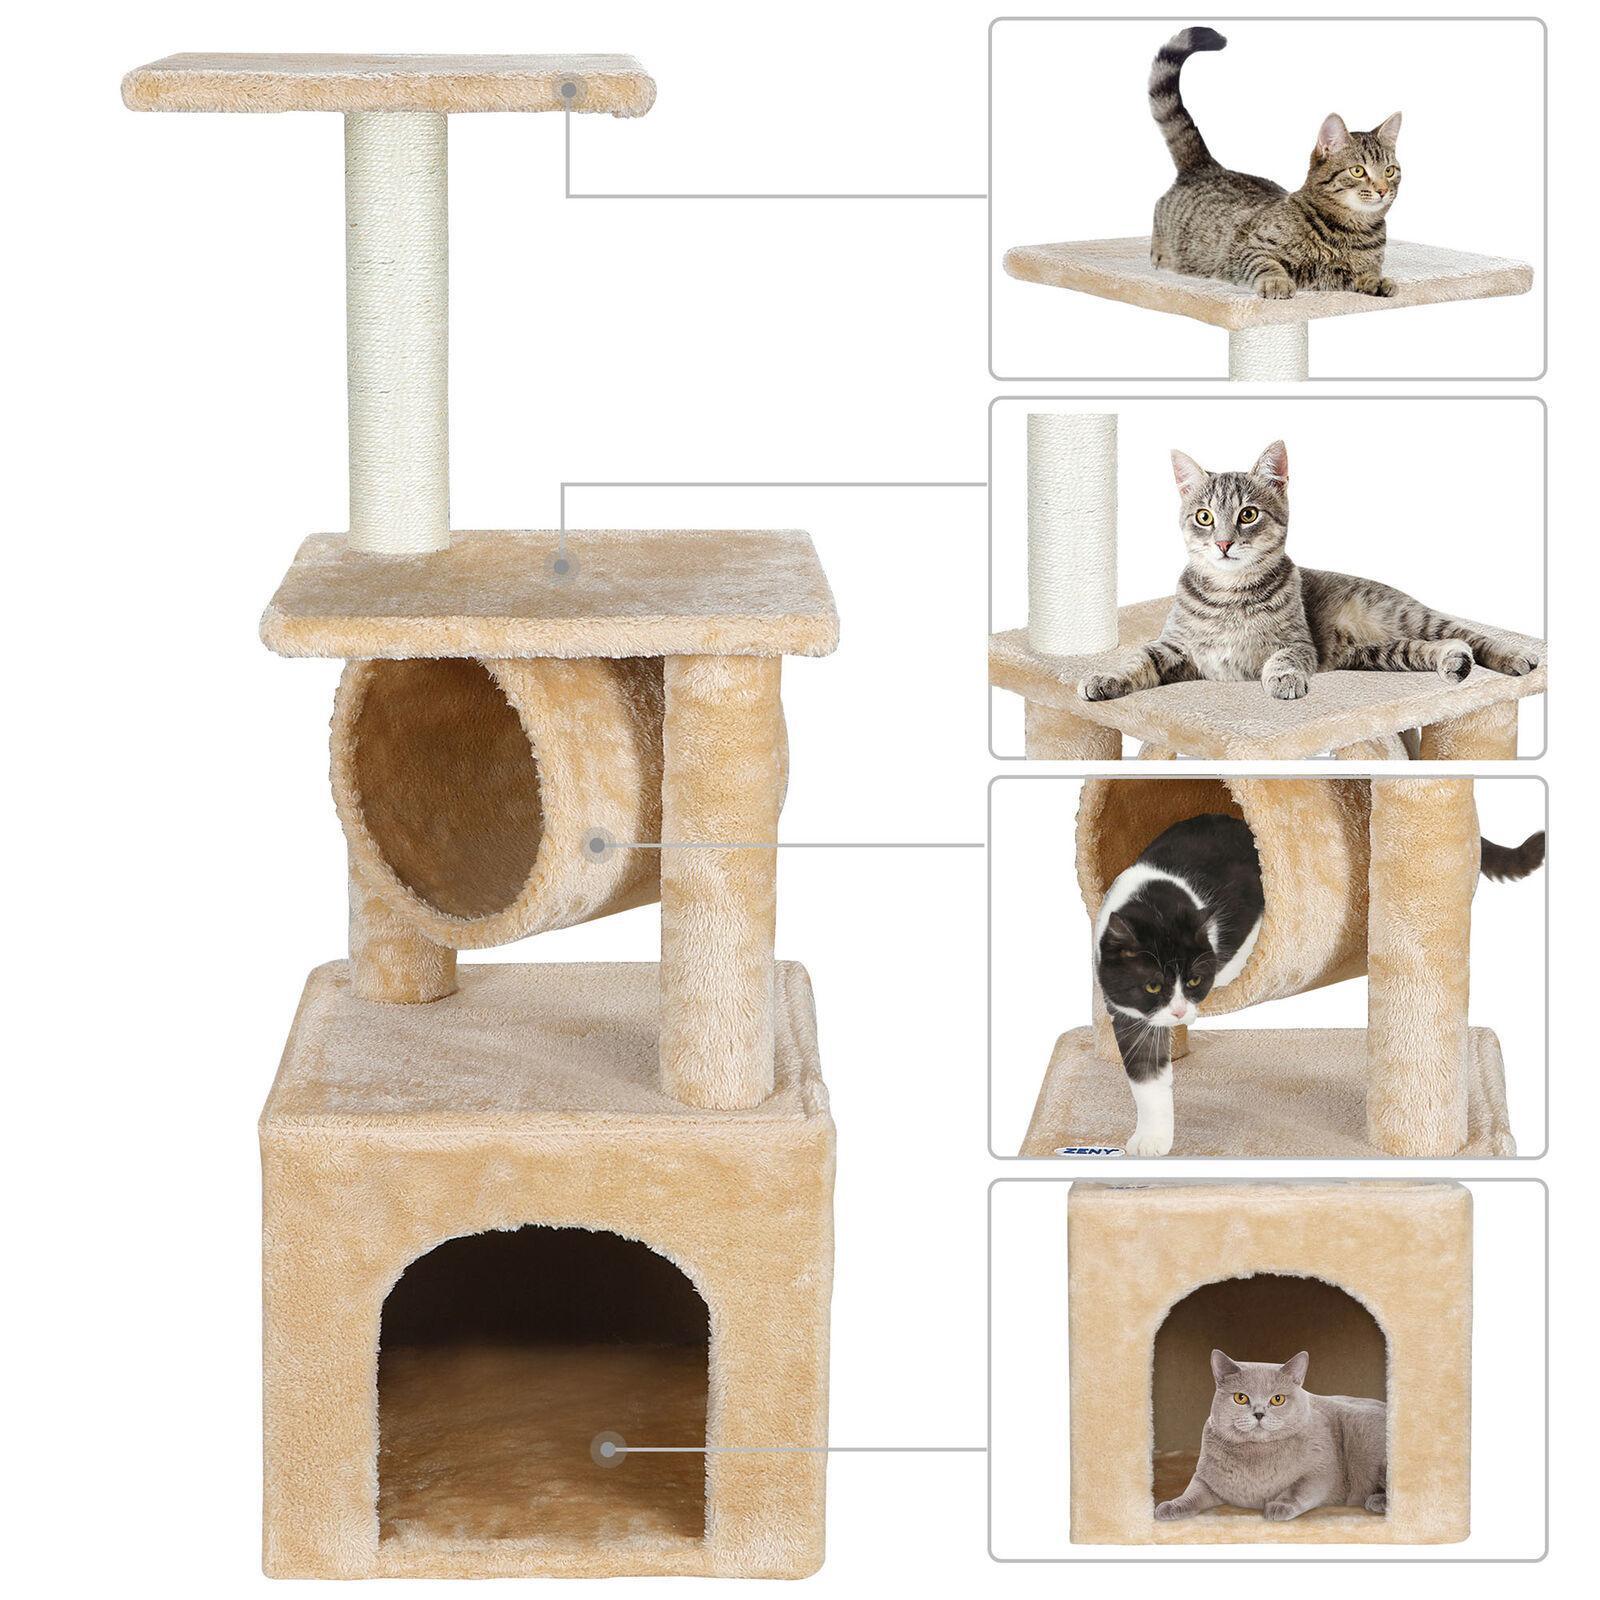 36 дюймов Cat Tree Tower Activity Центр играют в кондо-кошках Дерево кровати мебель царапая башня котенок домашний дом бежевый